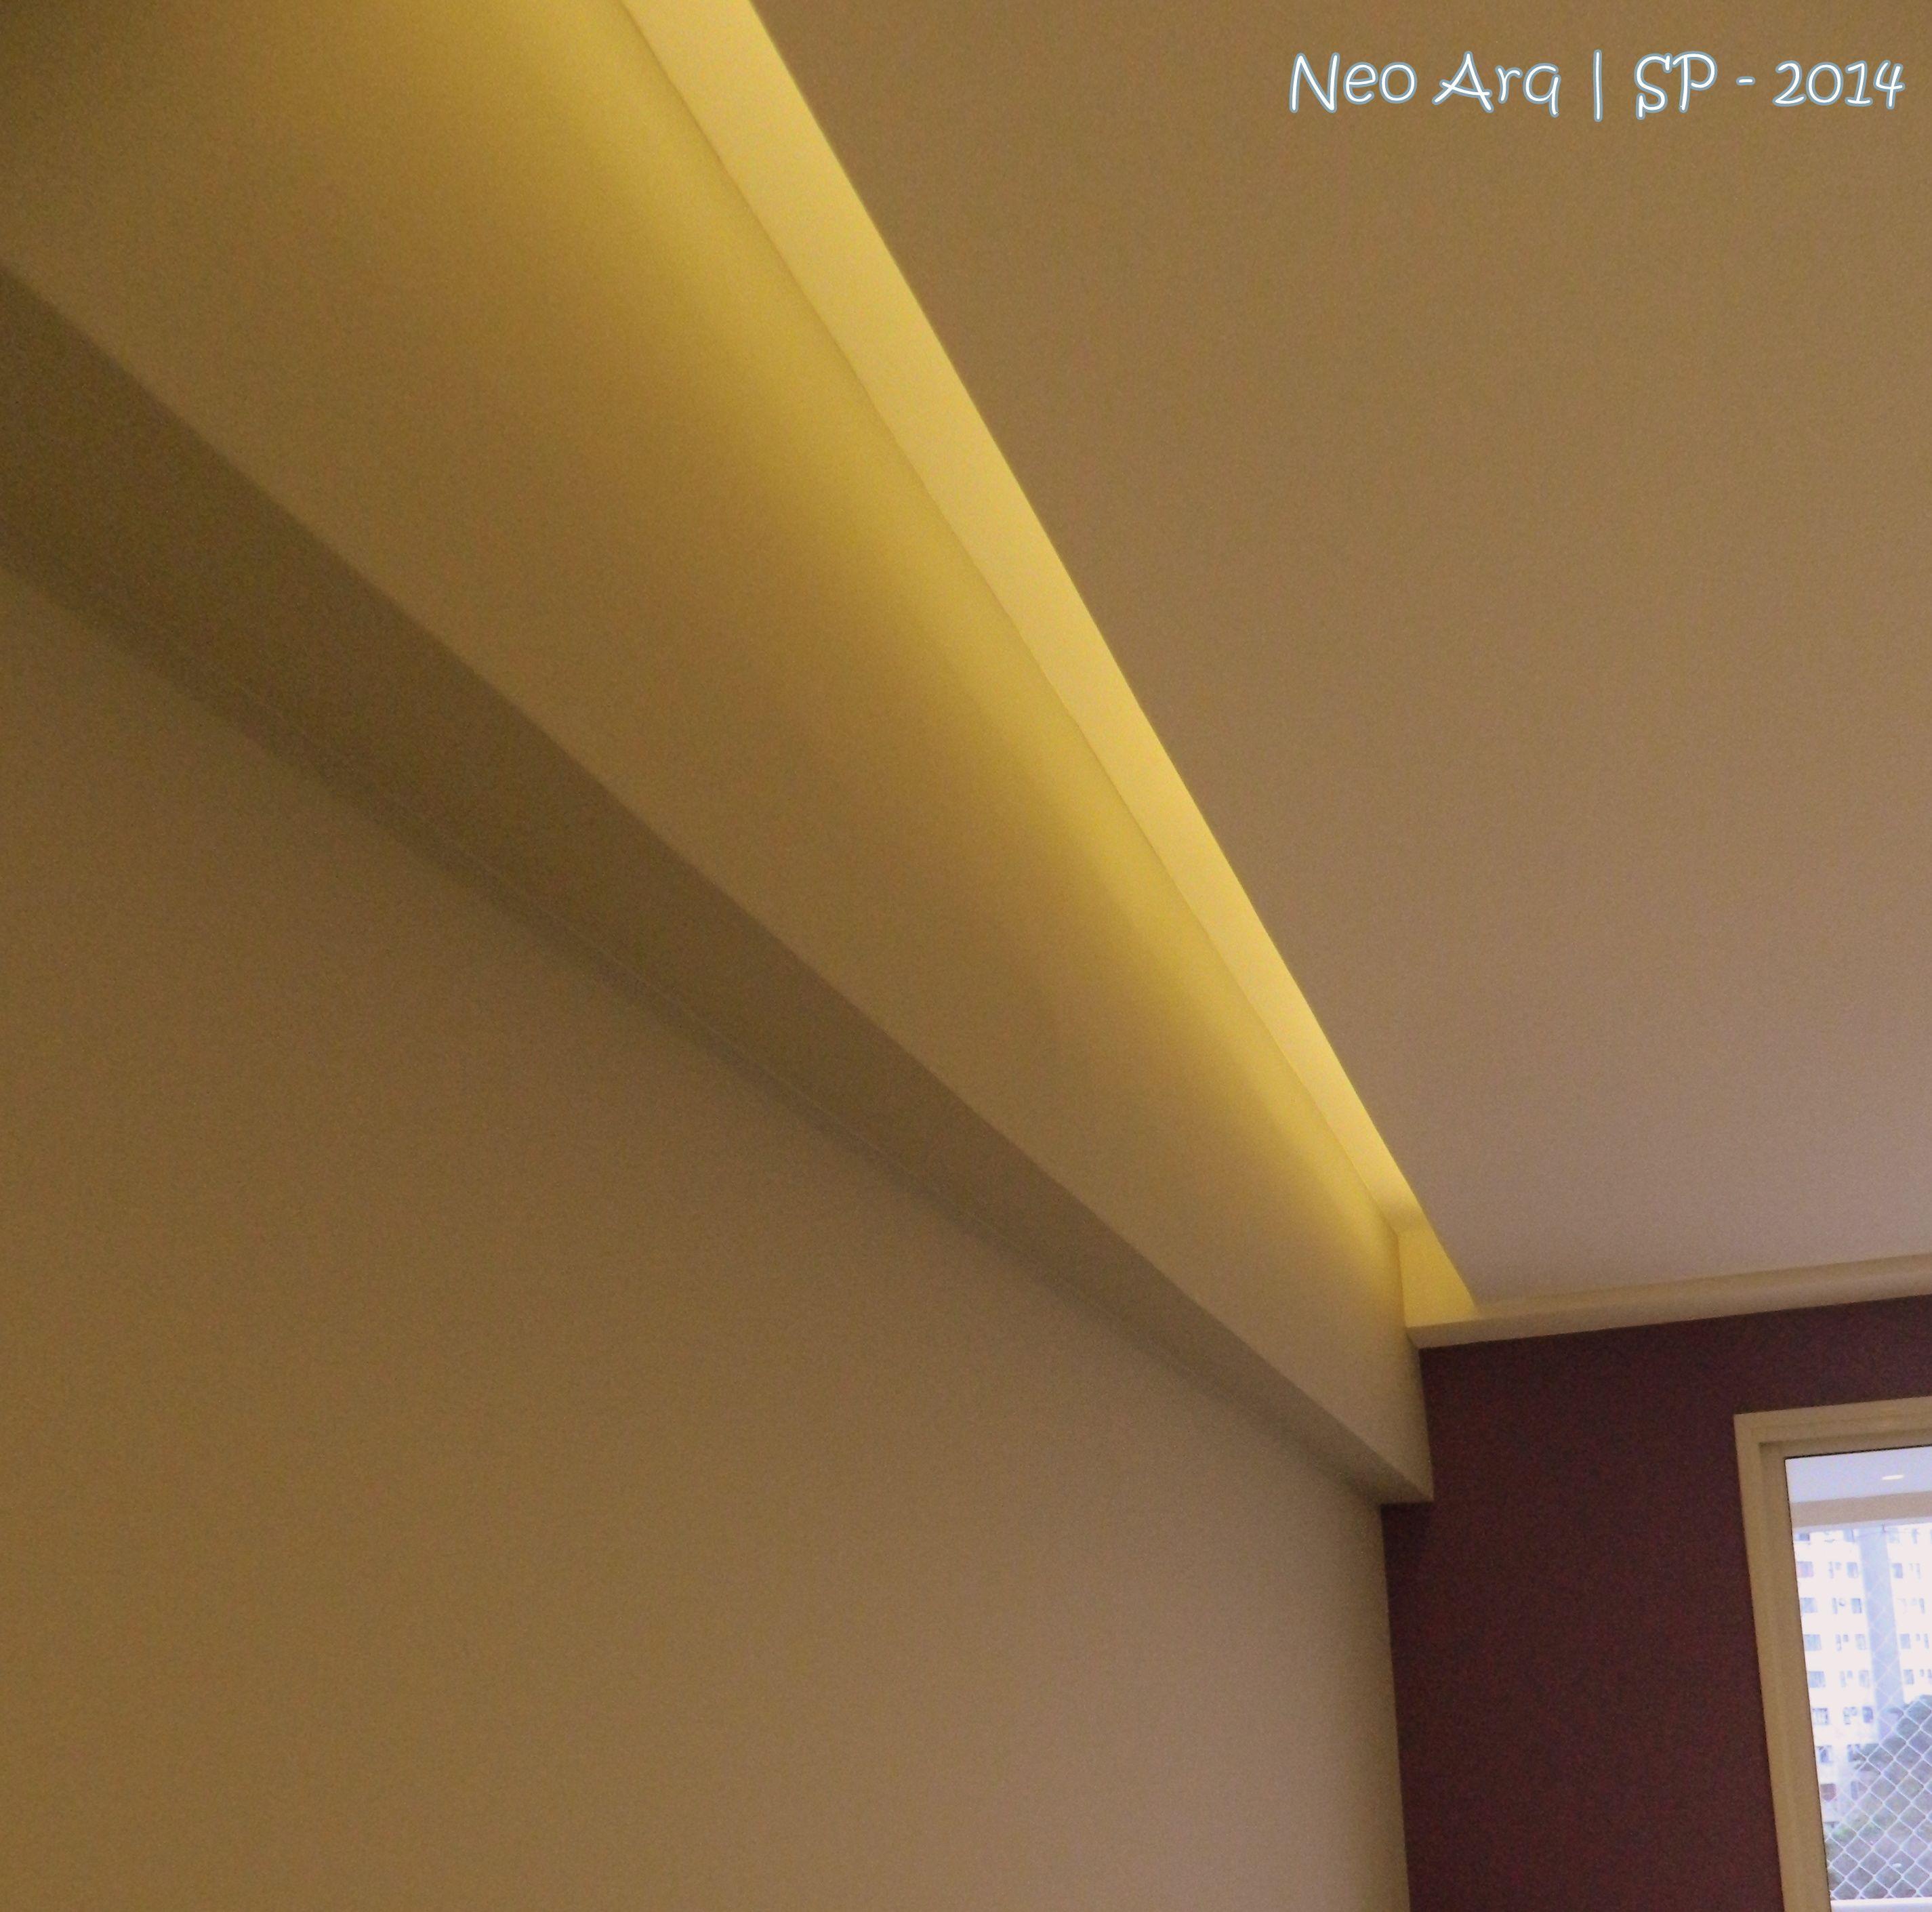 Detalhe De Ilumina O Indireta Com Led Em Forro De Gesso By Neo Arq  -> Modelo De Forro Rebaixado Em Apartamentos 51M2